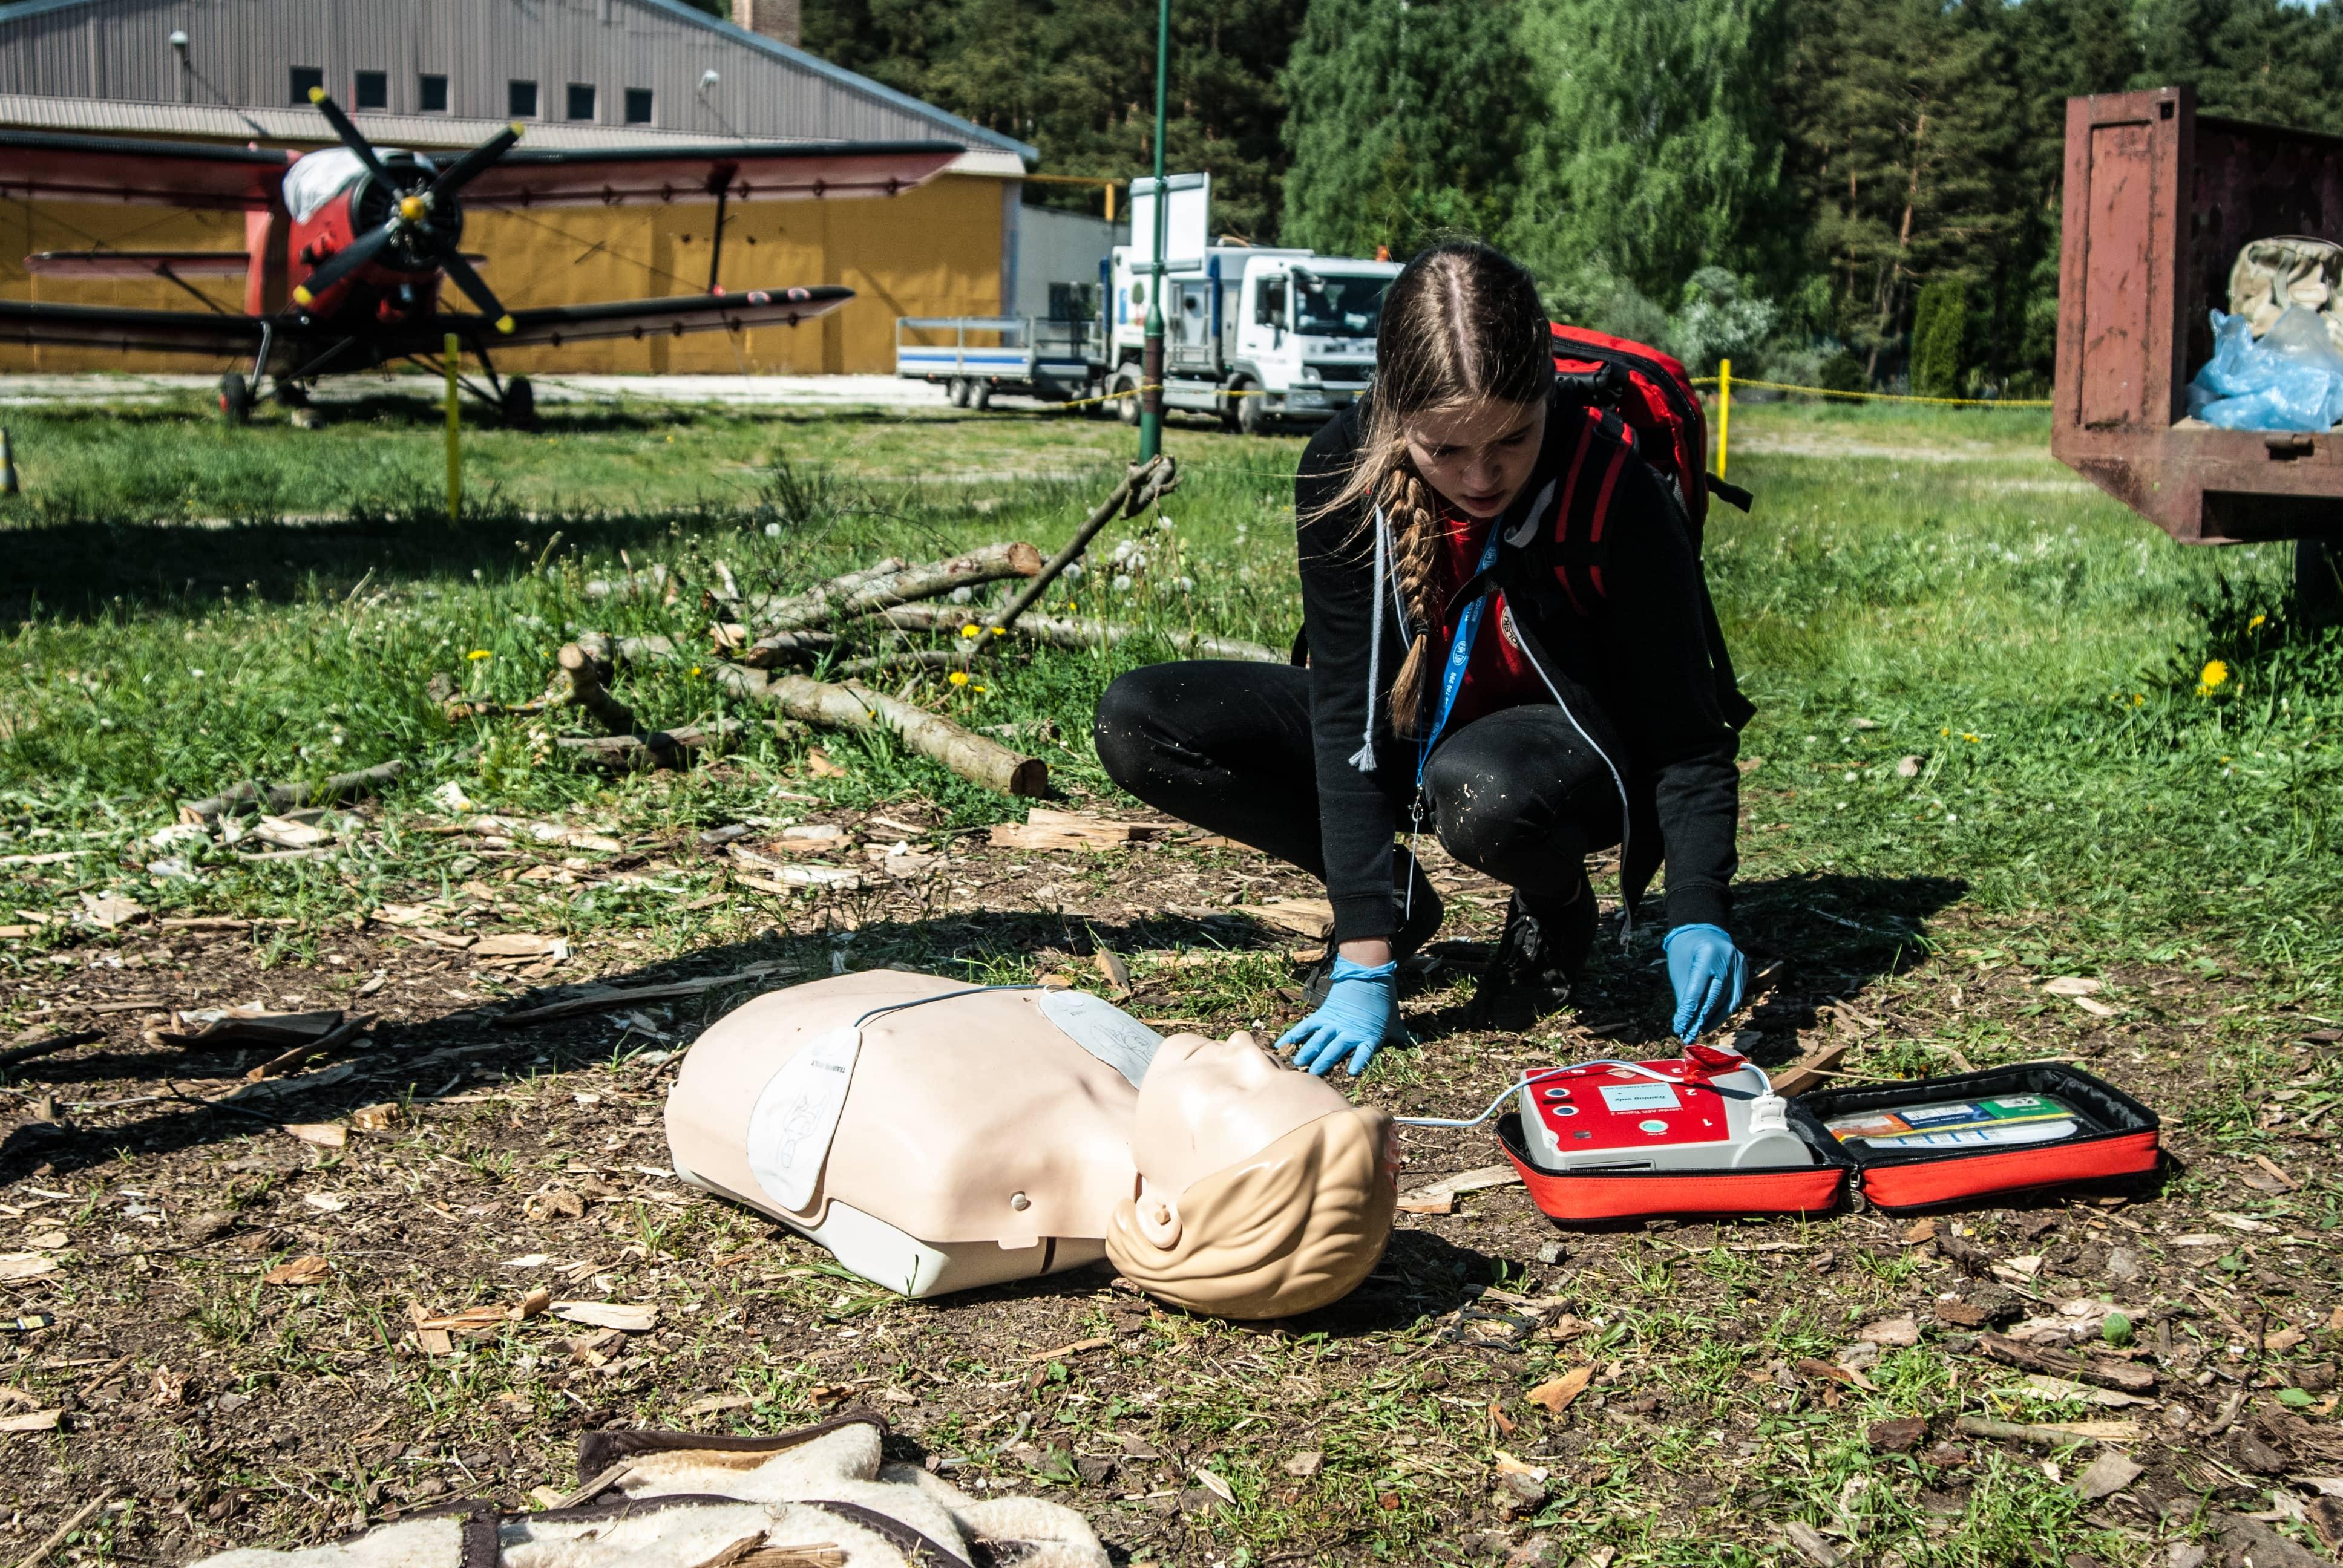 pierwsza pomoc nieprzytomny, nie oddycha, BLS+AED, masaż serca, 30:2 class=